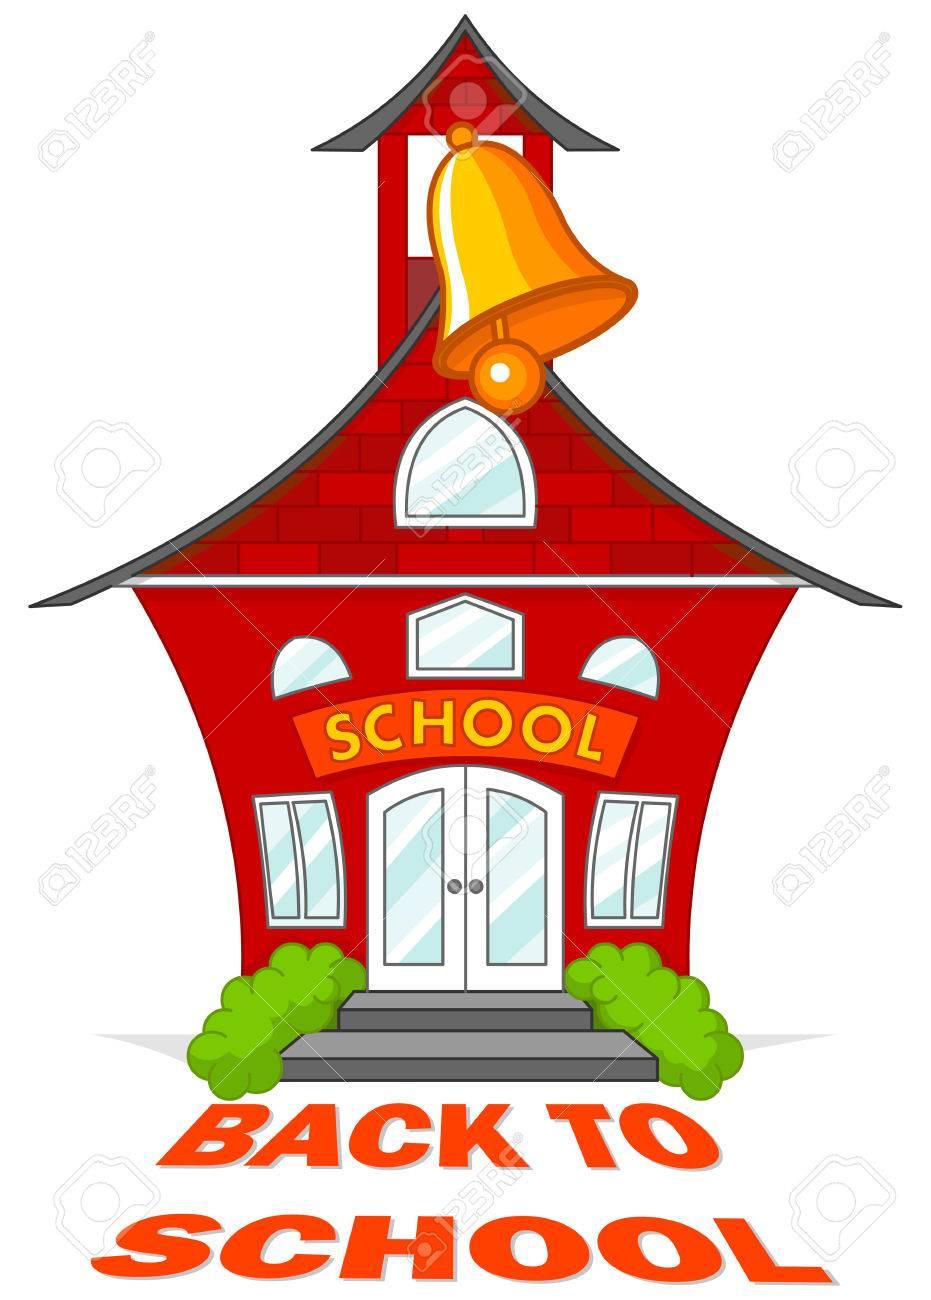 かわいい学校の鐘と建物のイラスト ロイヤリティフリークリップアート